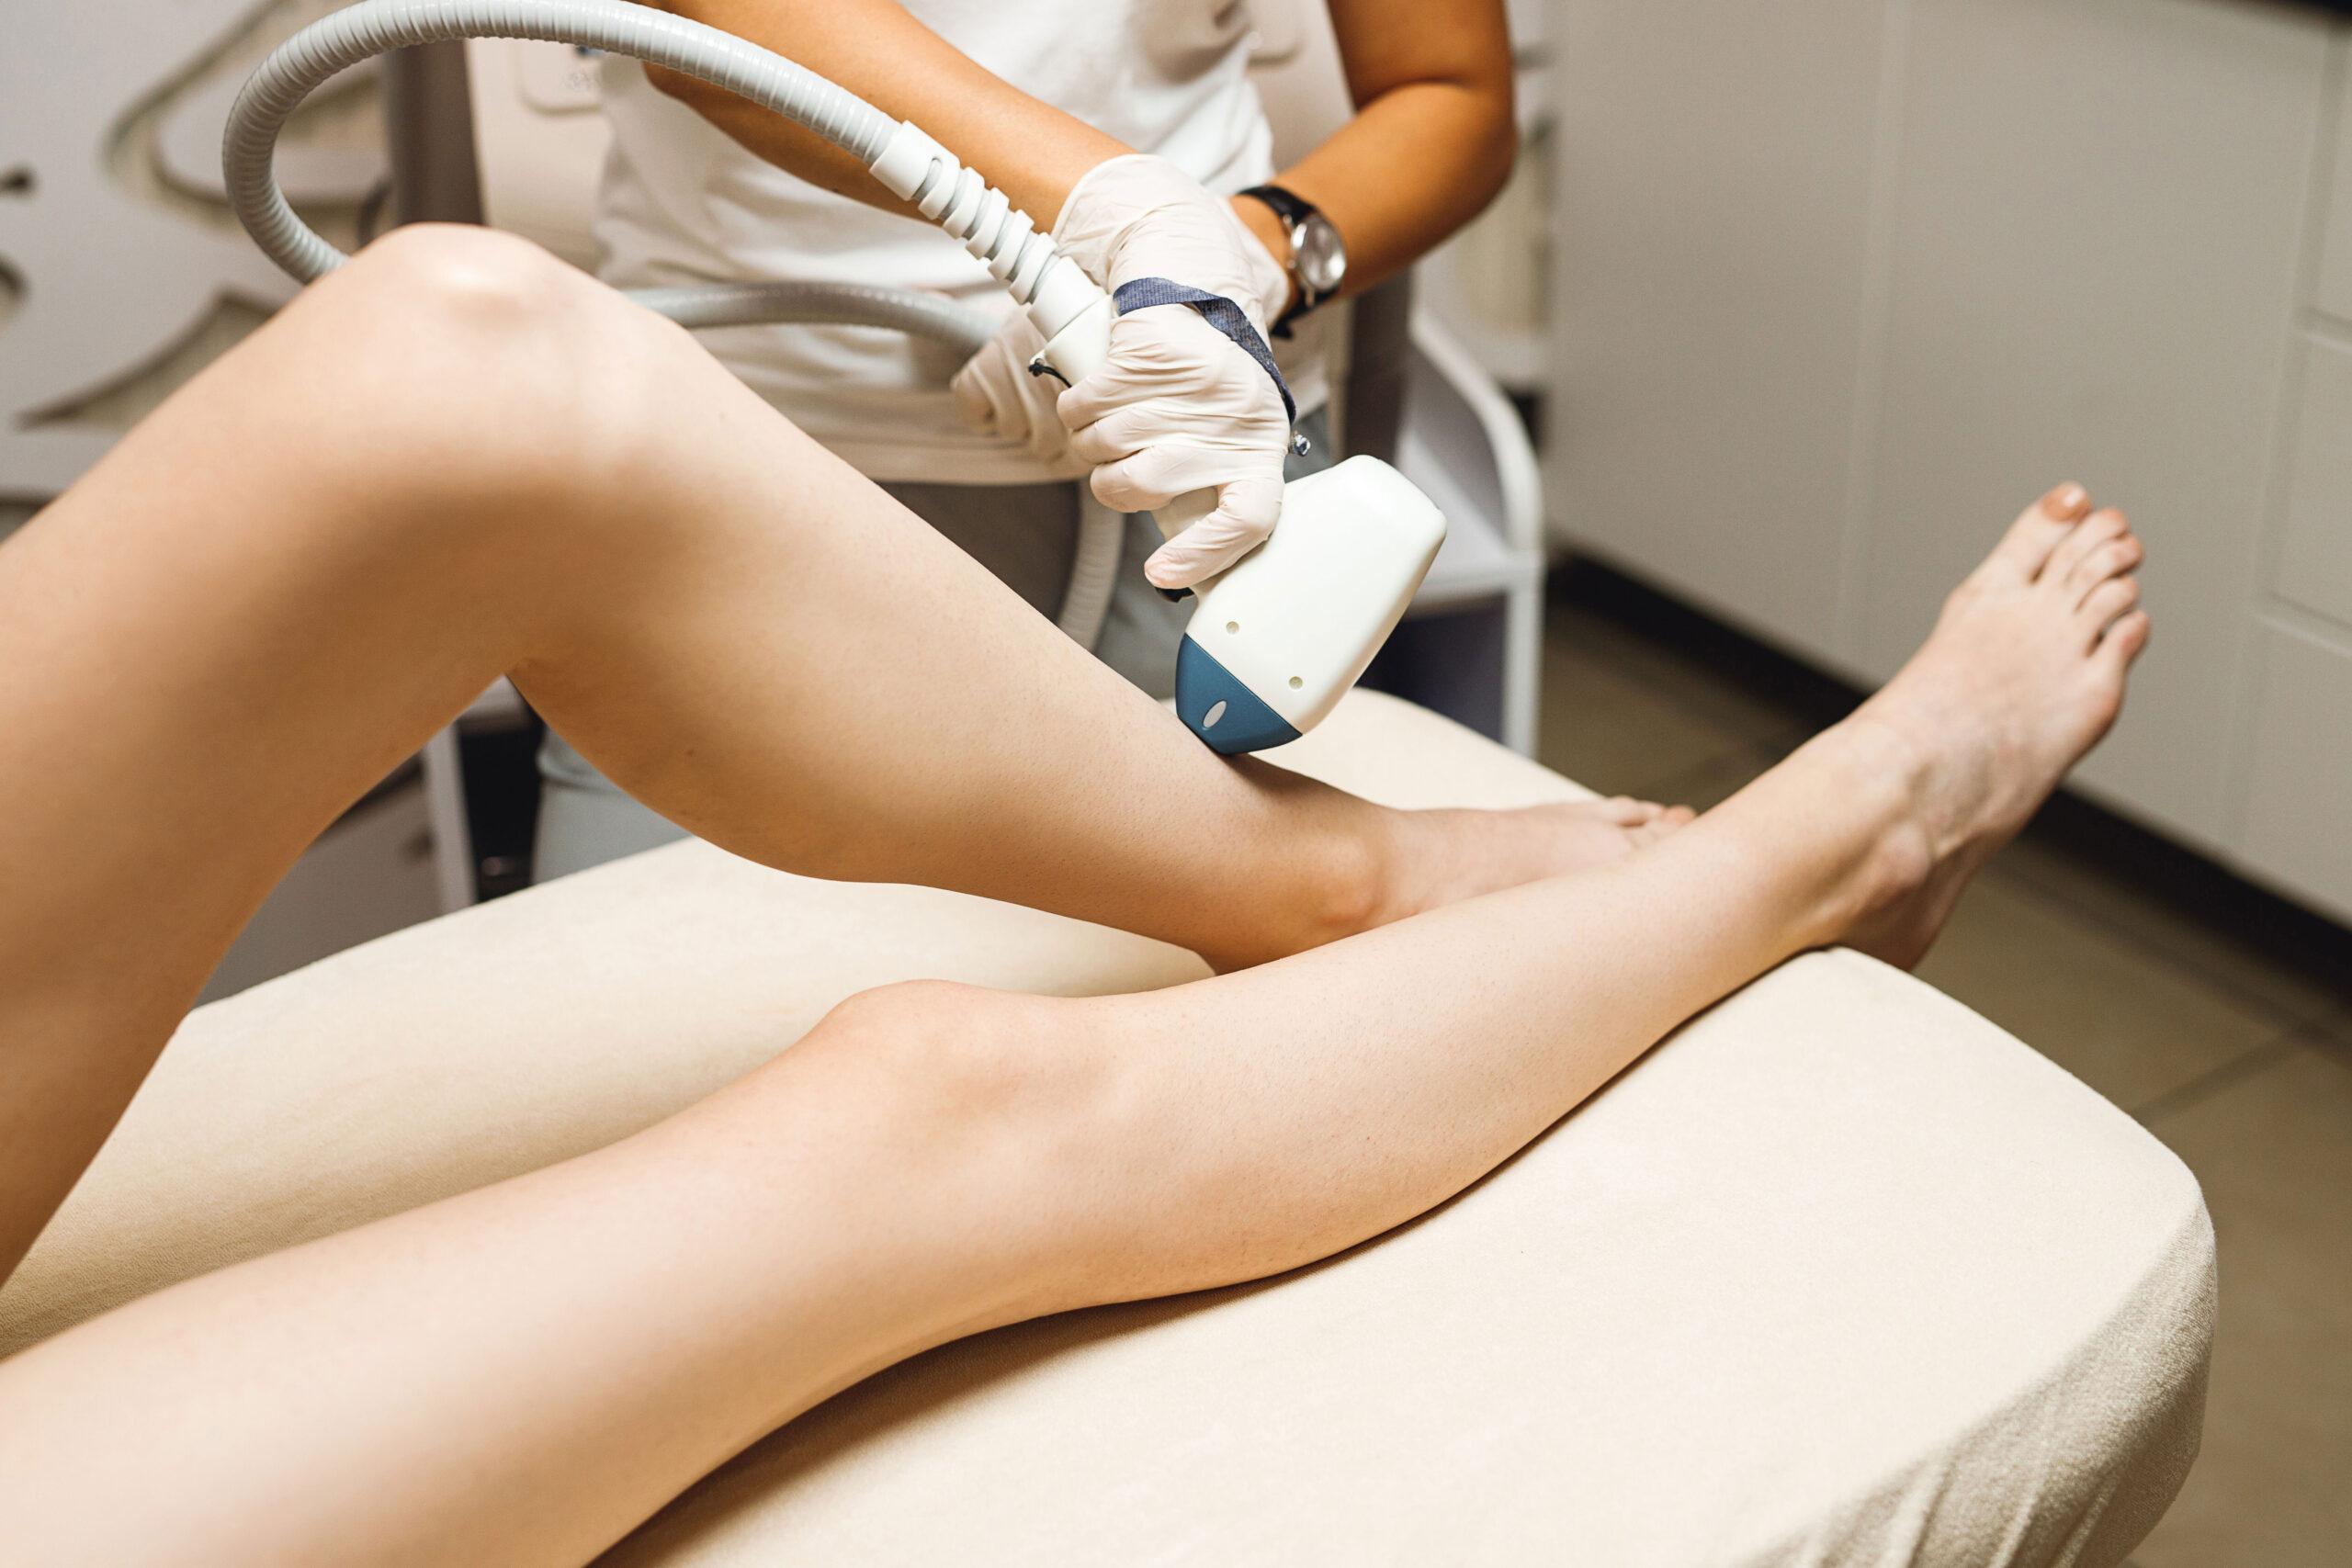 laserbehandling haarfjerning tips for aa fjerne haar kropp